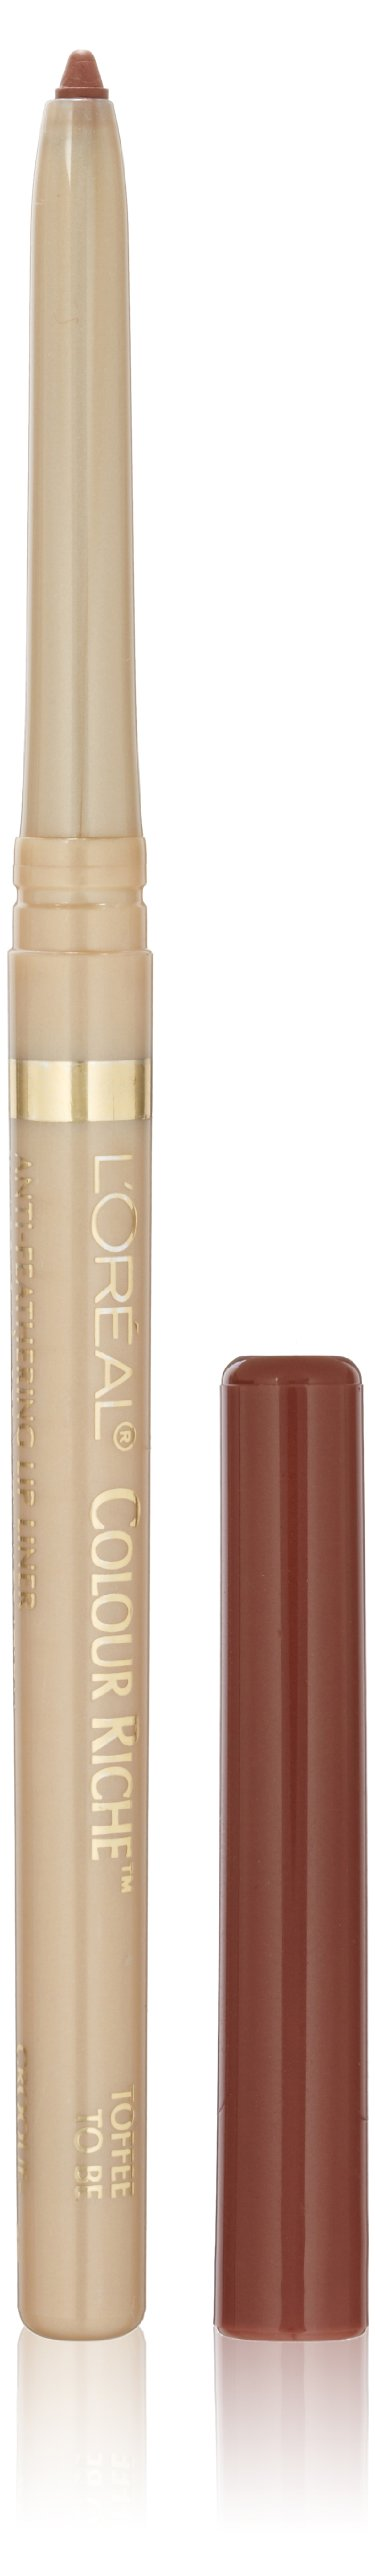 L'OrÃal Paris Colour Riche Lip Liner, Toffee To Be, 0.007 Ounce